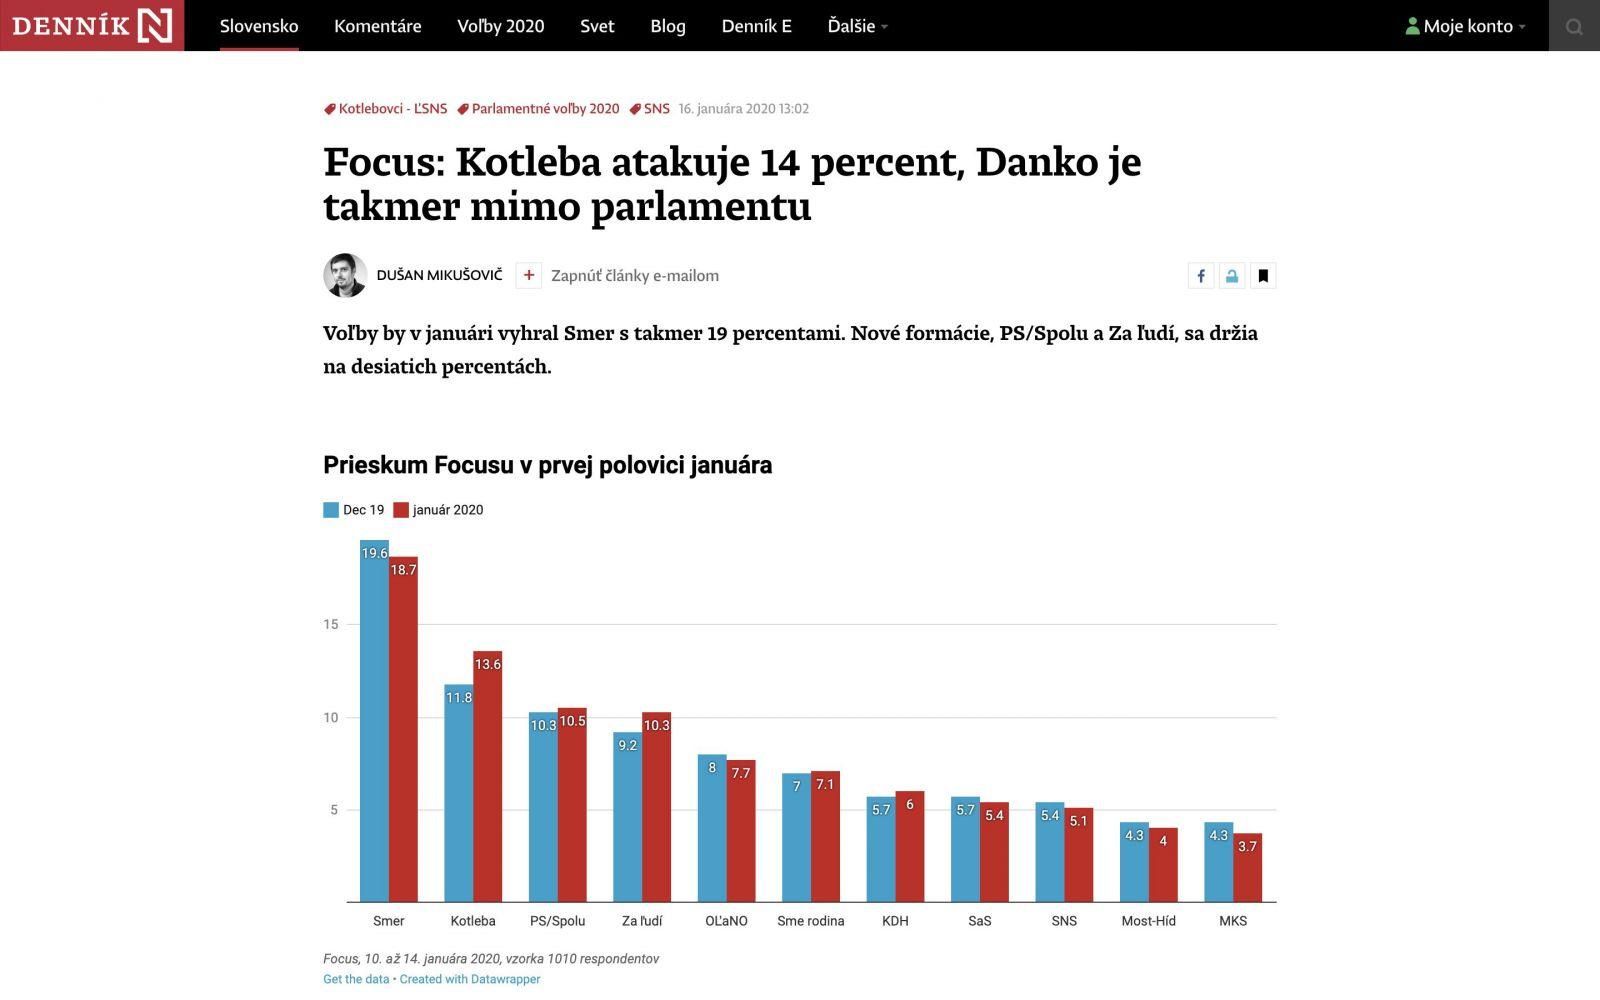 Prieskum agentúry Focus: Kotlebovci si výrazne polepšili, lídrom demokratickej opozície opäť PS/Spolu